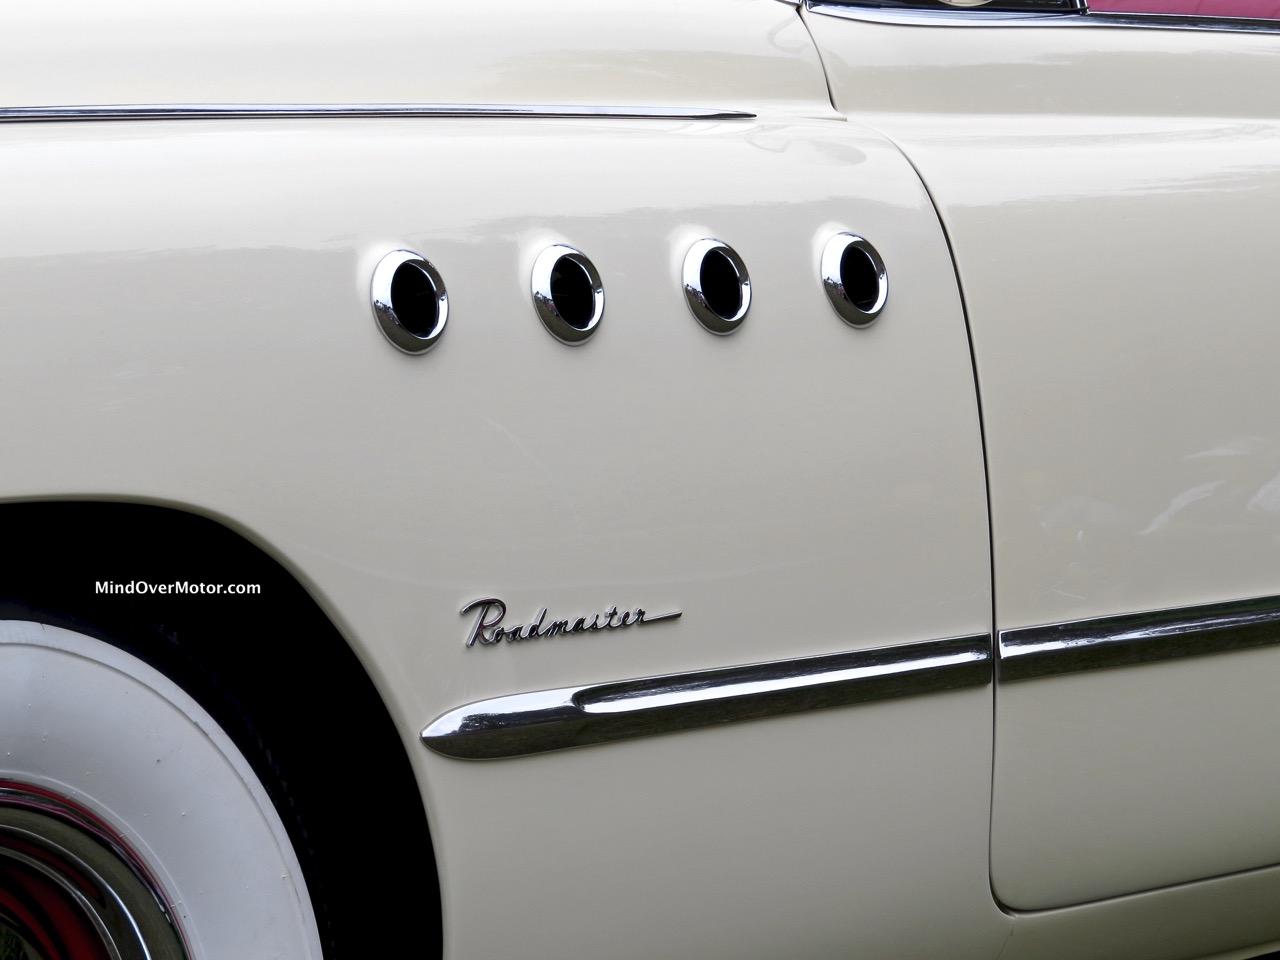 1949 Buick Roadmaster Portholes